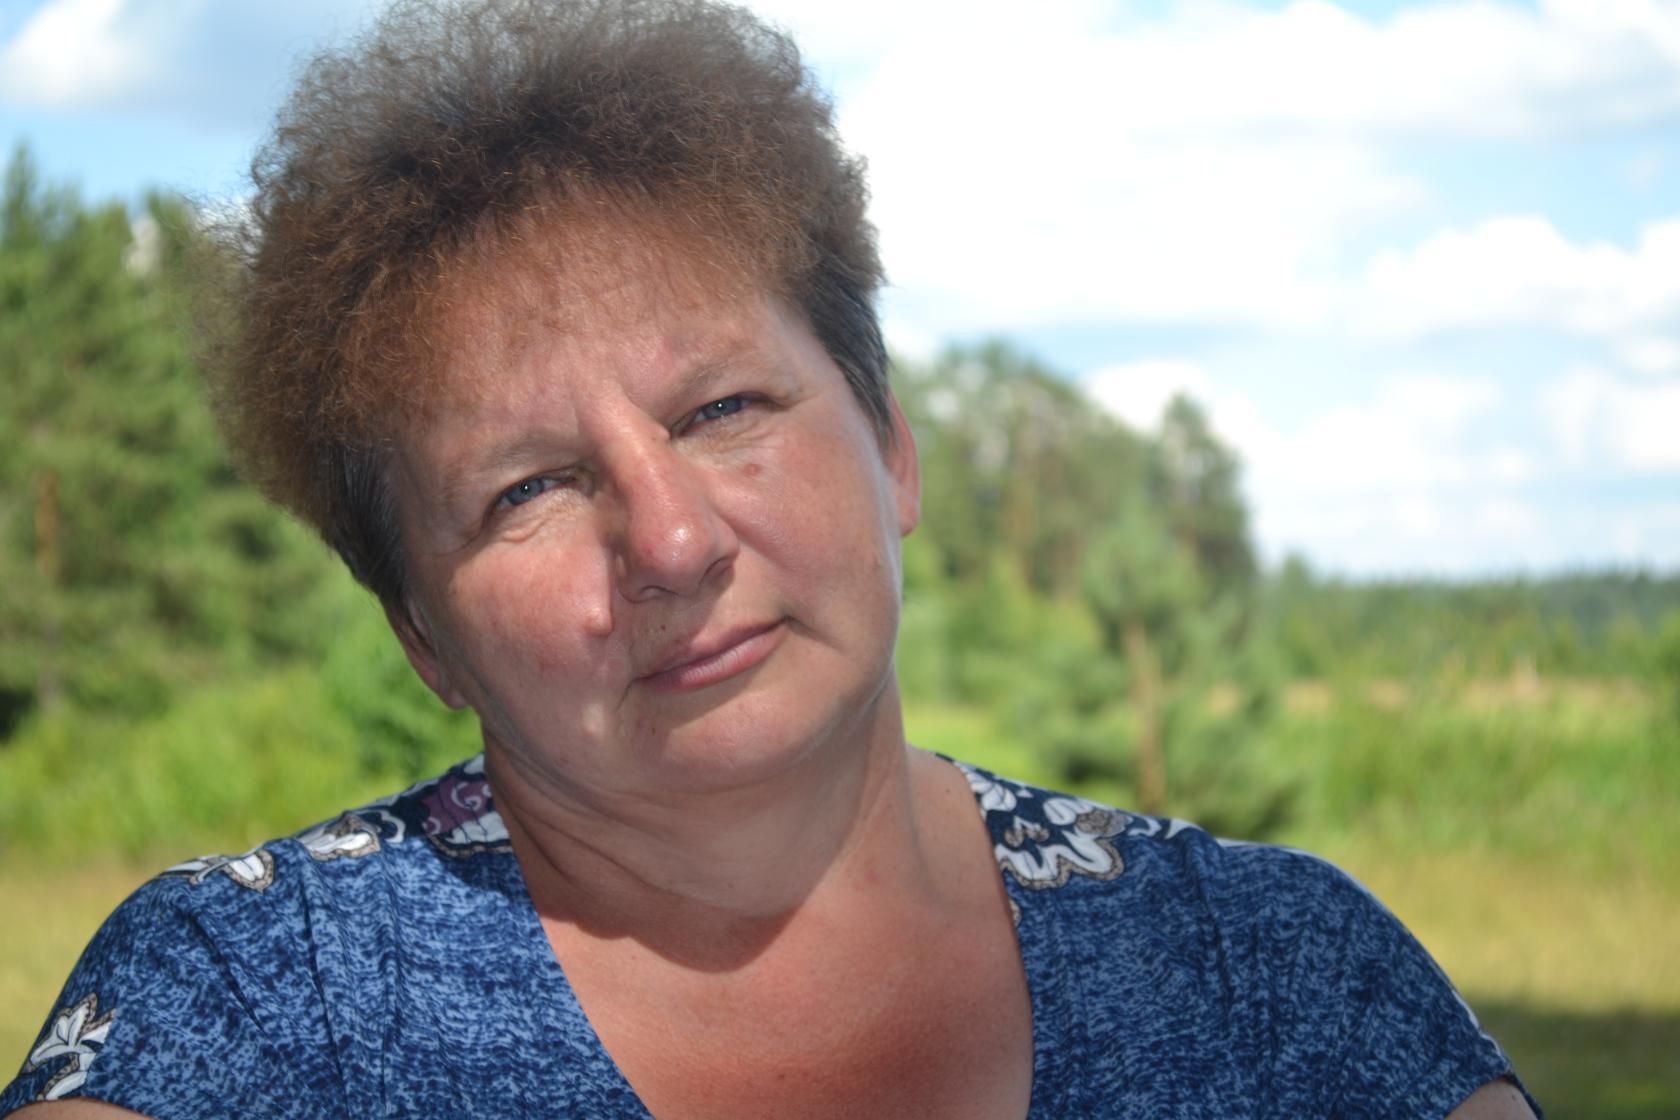 Татьяна Яничева: Если бы не программа переселения, не было бы у нас шанса на новое жилье